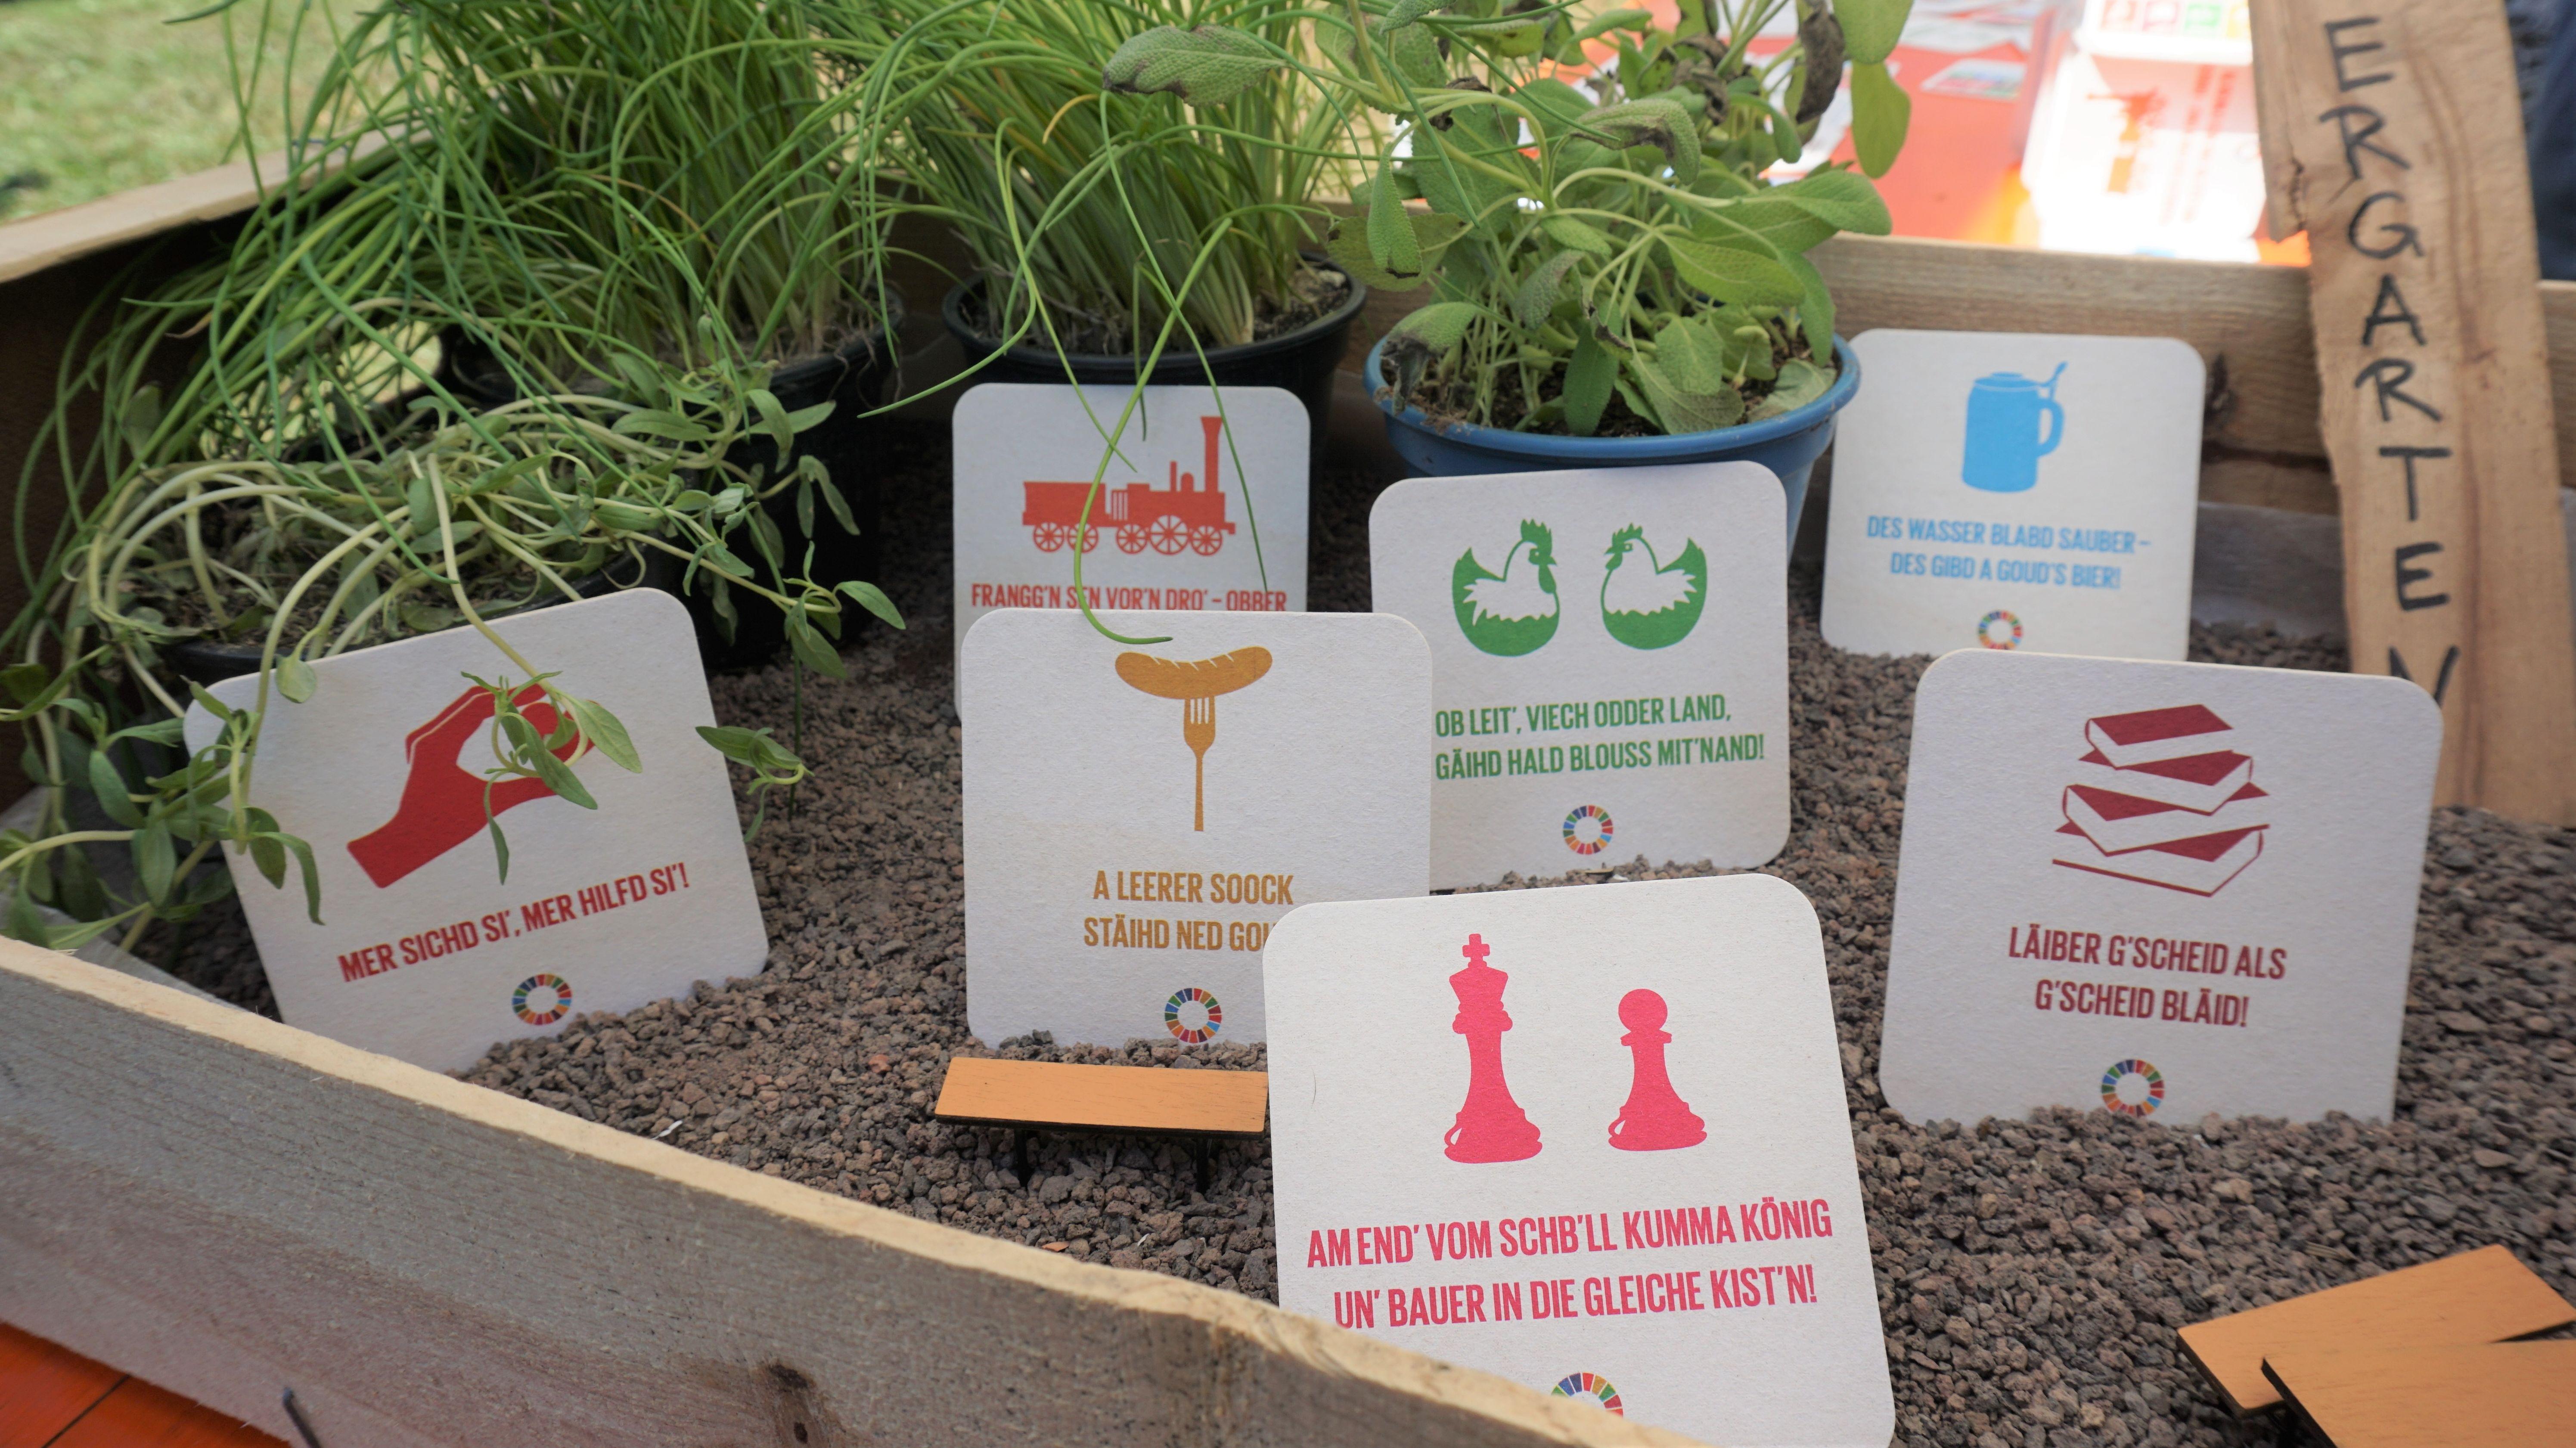 Bierdeckel mit Nachhaltigkeits-Botschaft